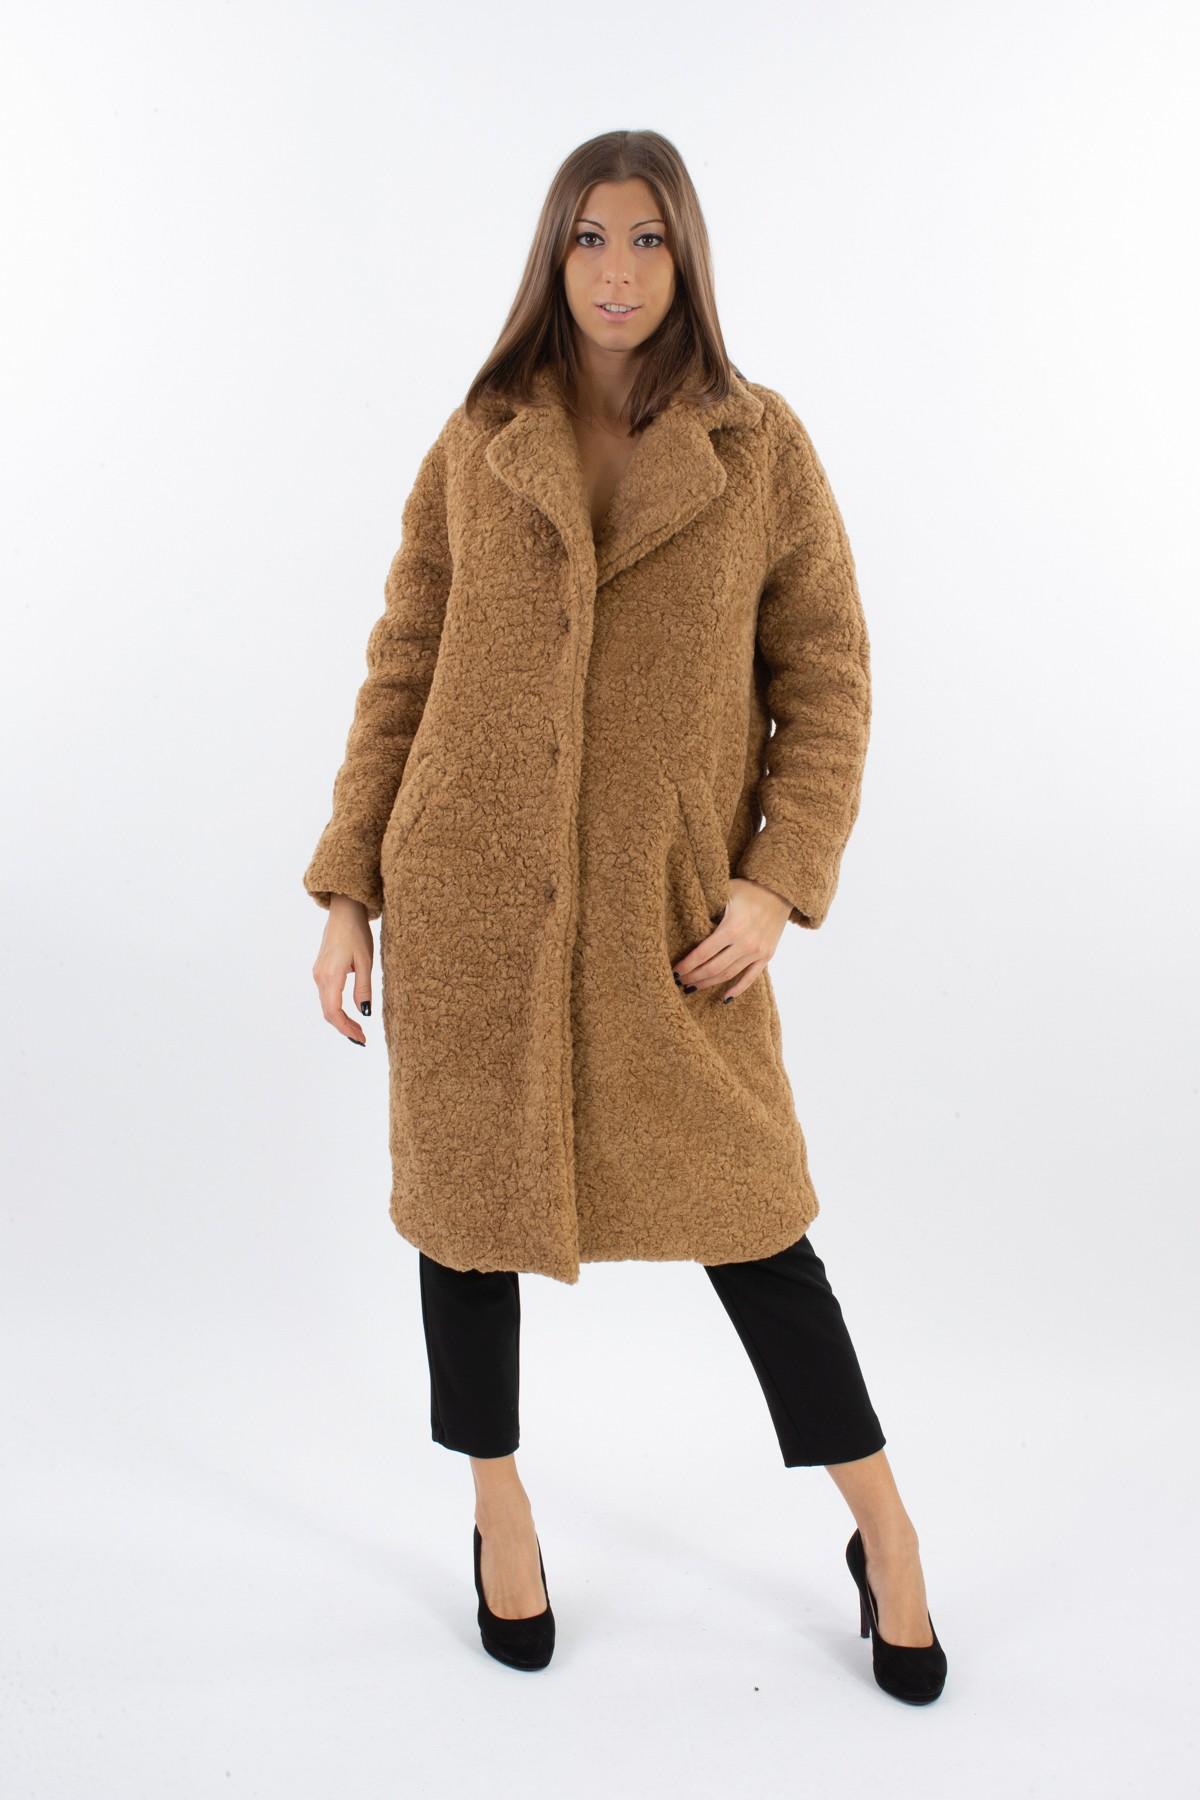 CAPPOTTO IN MISTO LANA BOUCLE'  da donna - CAMMELLO - Paquito Pronto Moda Shop Online